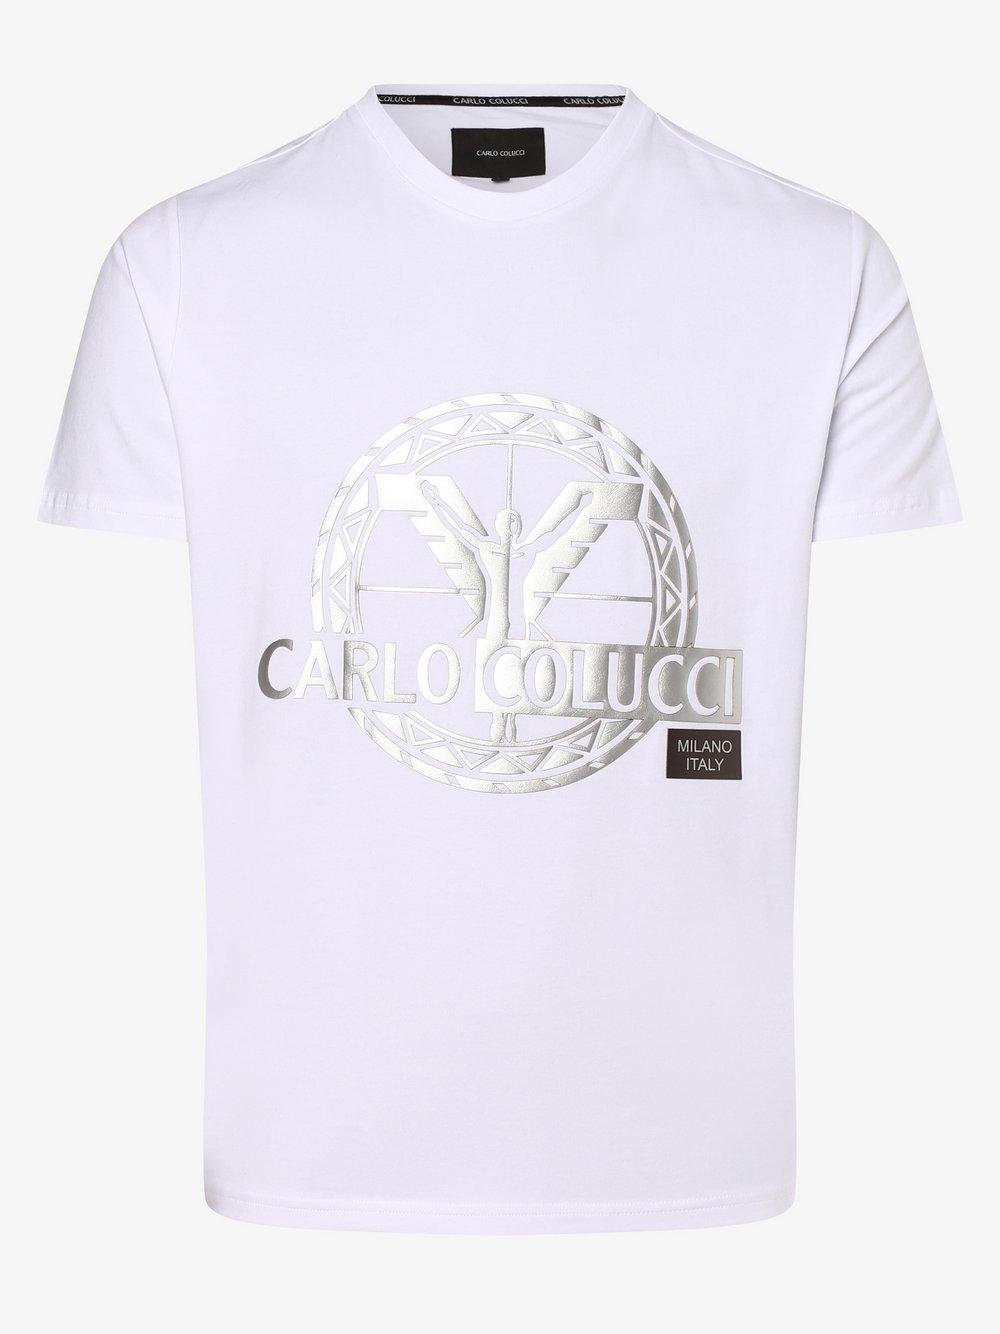 Carlo Colucci – T-shirt męski, biały Van Graaf 482495-0002